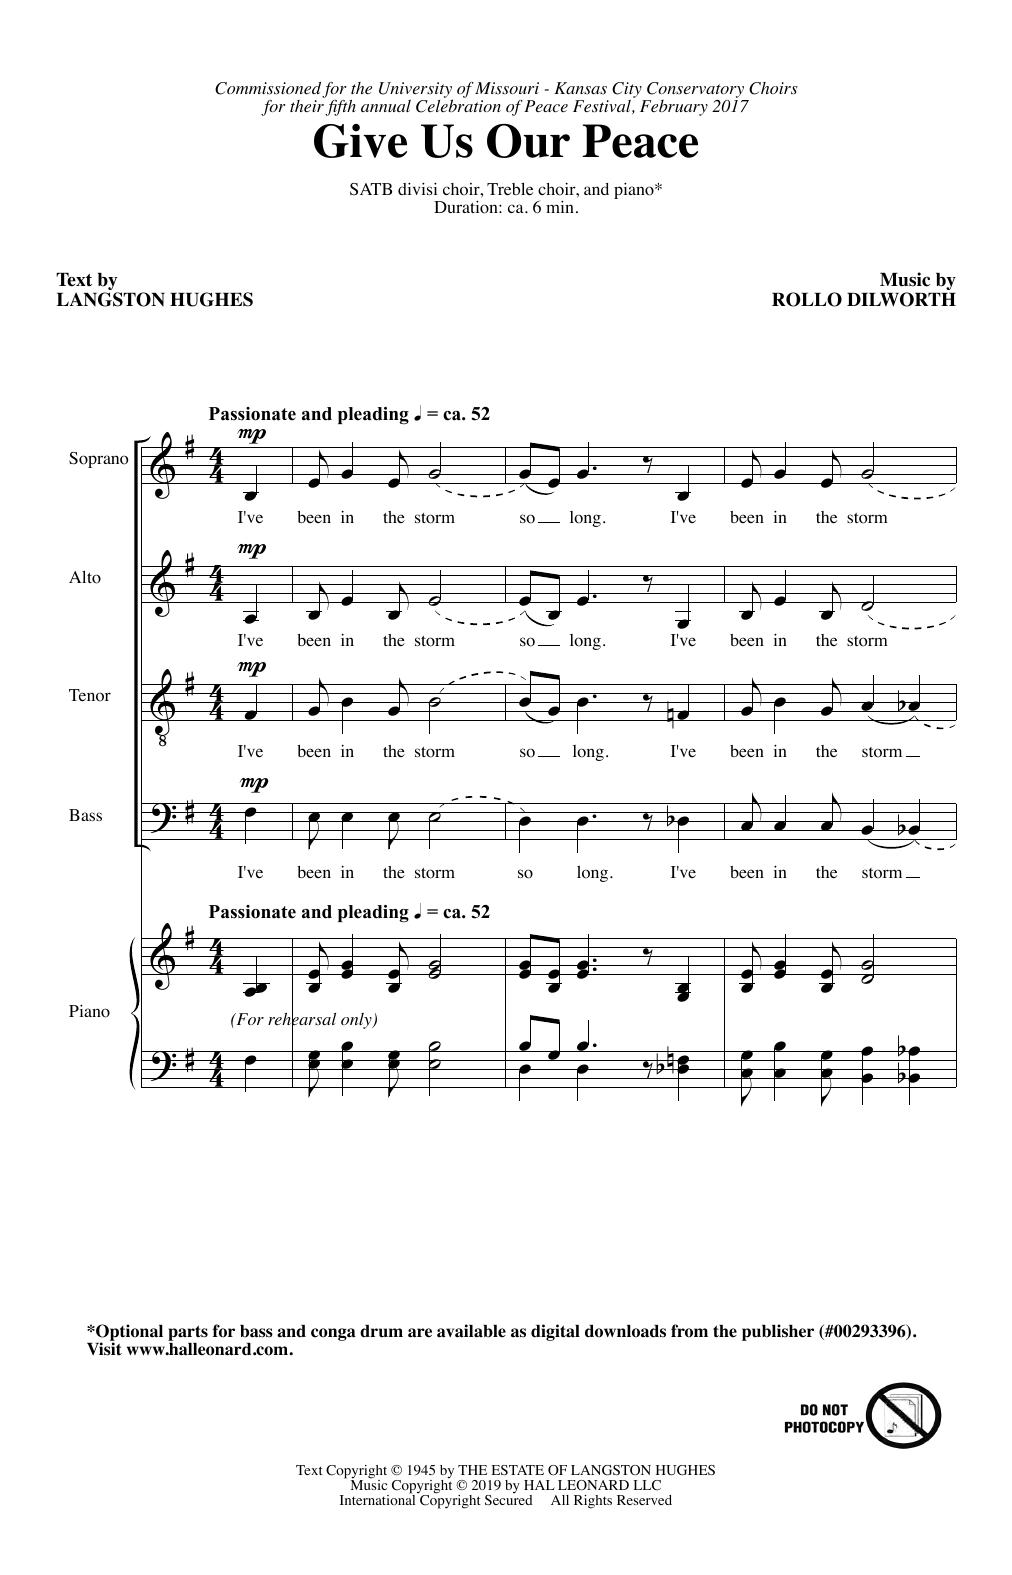 Give Us Our Peace (SATB Choir)